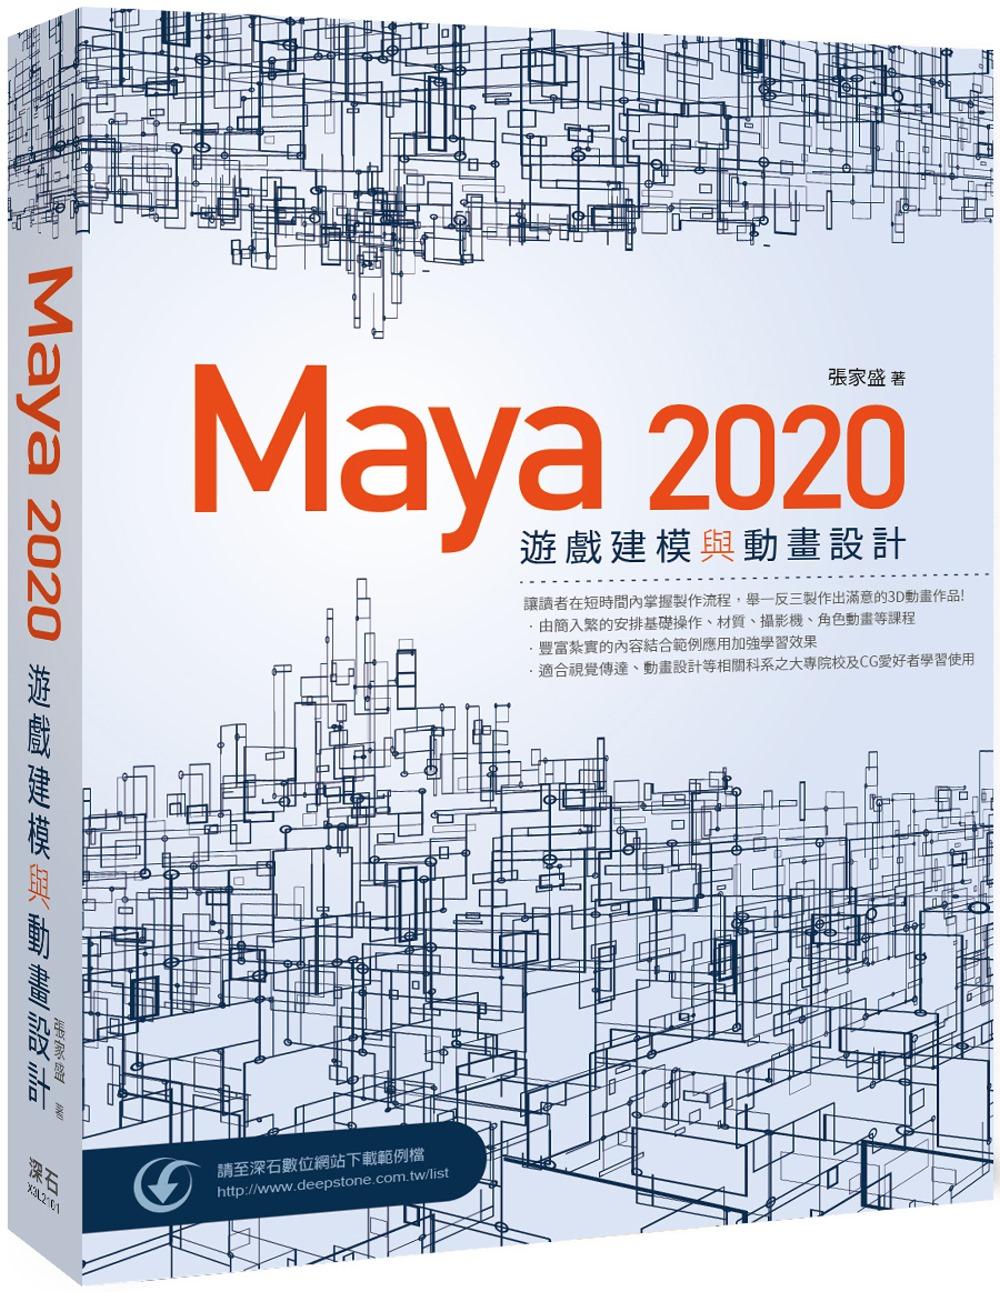 Maya 2020 遊戲建模與...